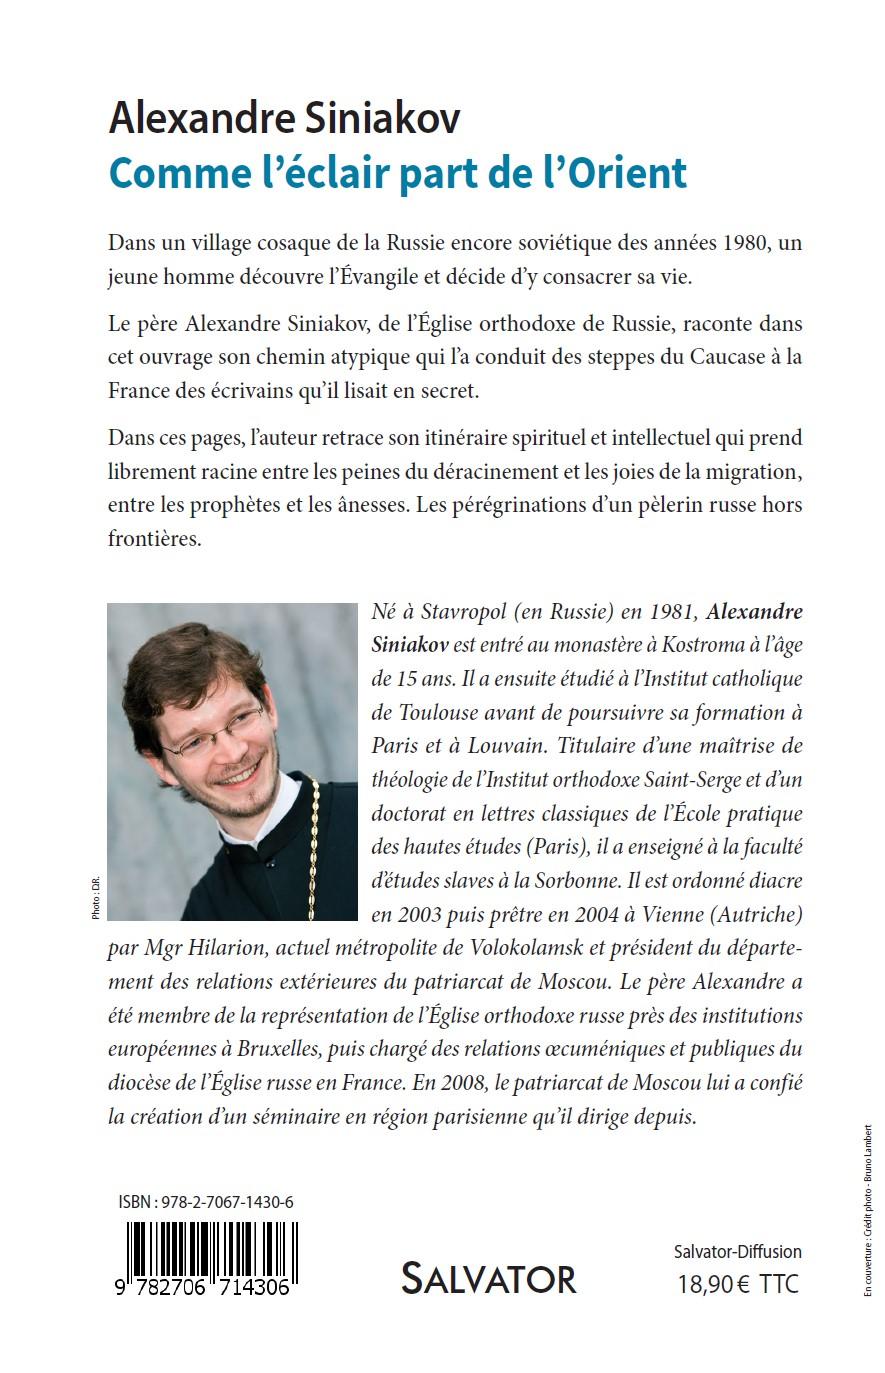 В издательстве Salvator вышла в свет книга иеромонаха Александра (Синякова): «Comme l'éclair part de l'Orient» [Как молния исходит от Востока]